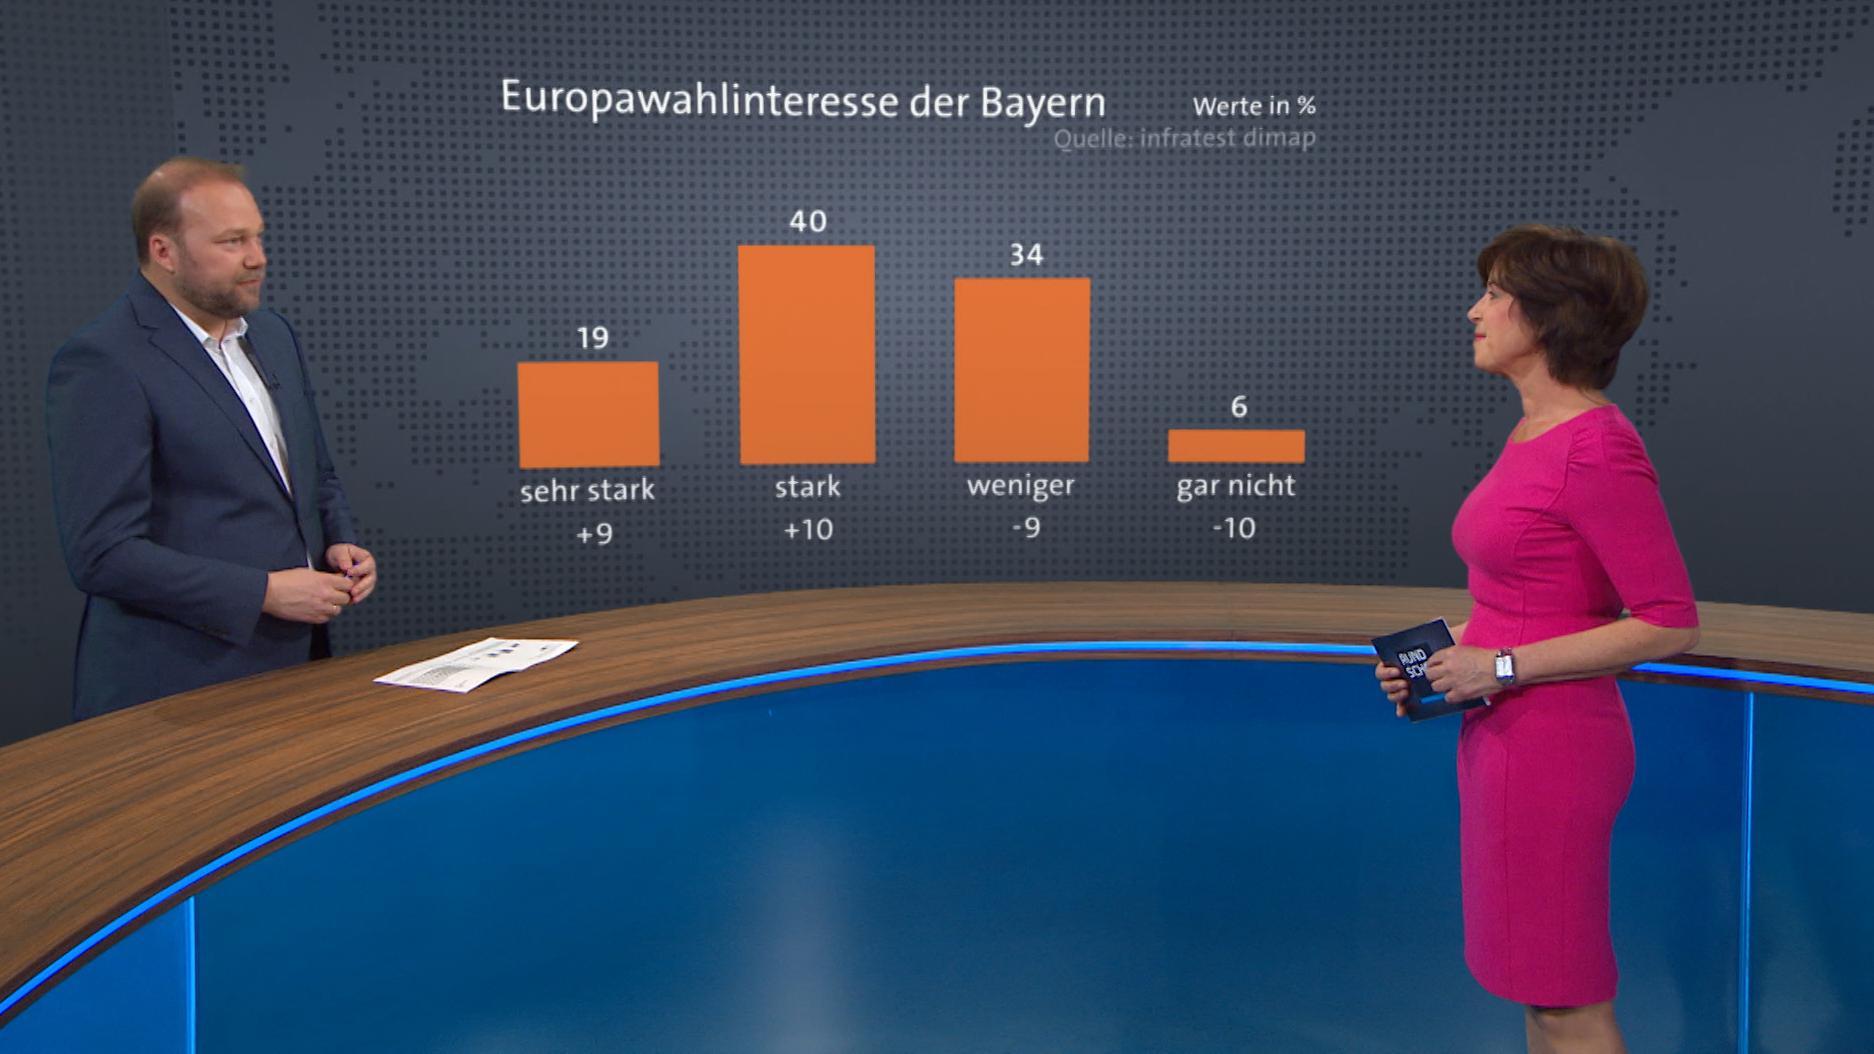 """In der Rundschau analysiert Andreas Bachmann, Redaktionsleiter """"Kontrovers"""", die Ergebnisse der Umfrage."""